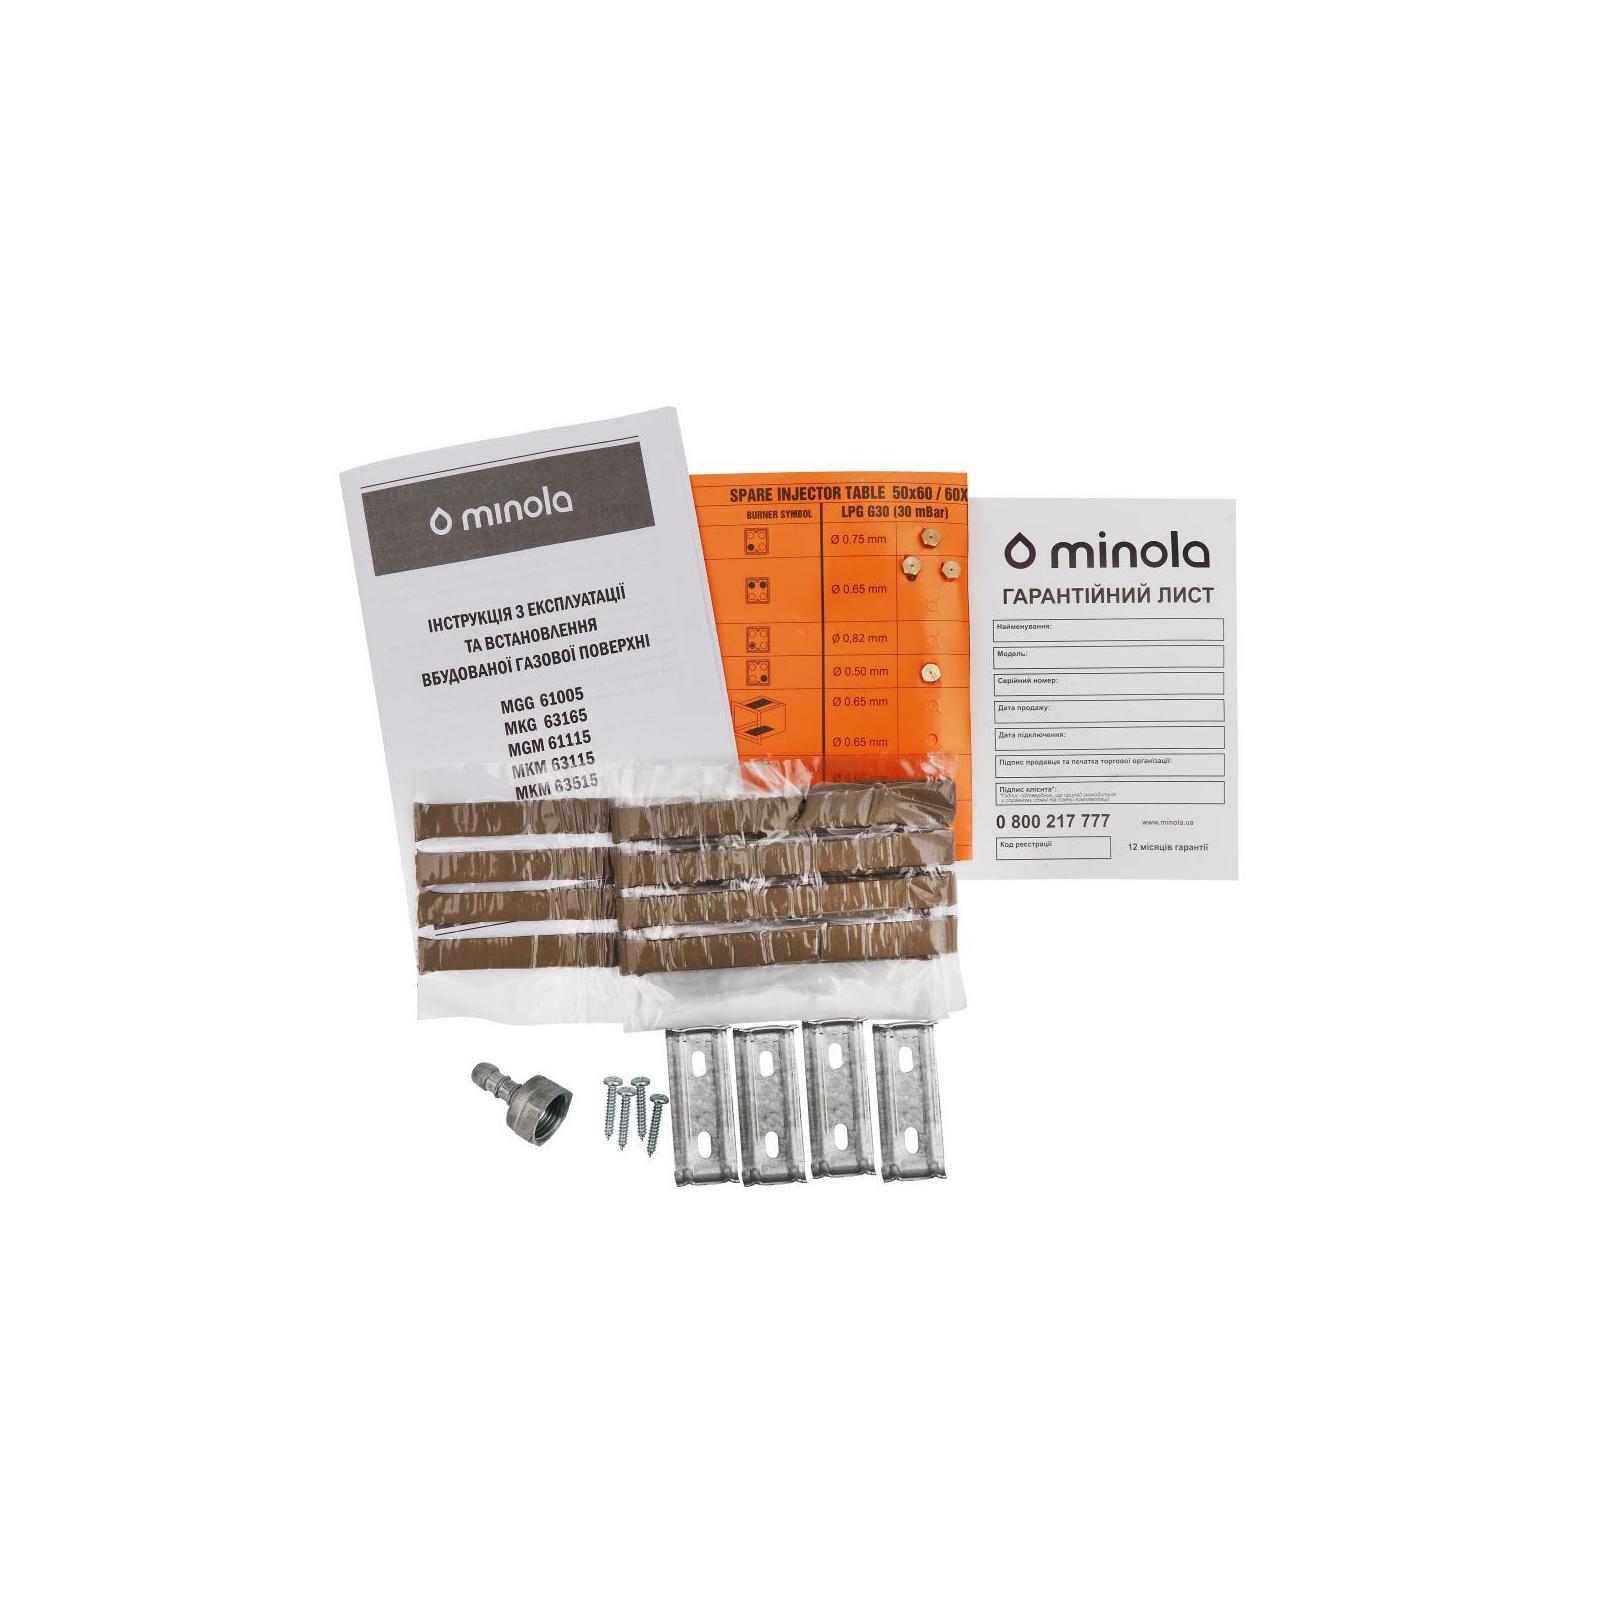 Варочная поверхность MINOLA MGM 61115 I изображение 6